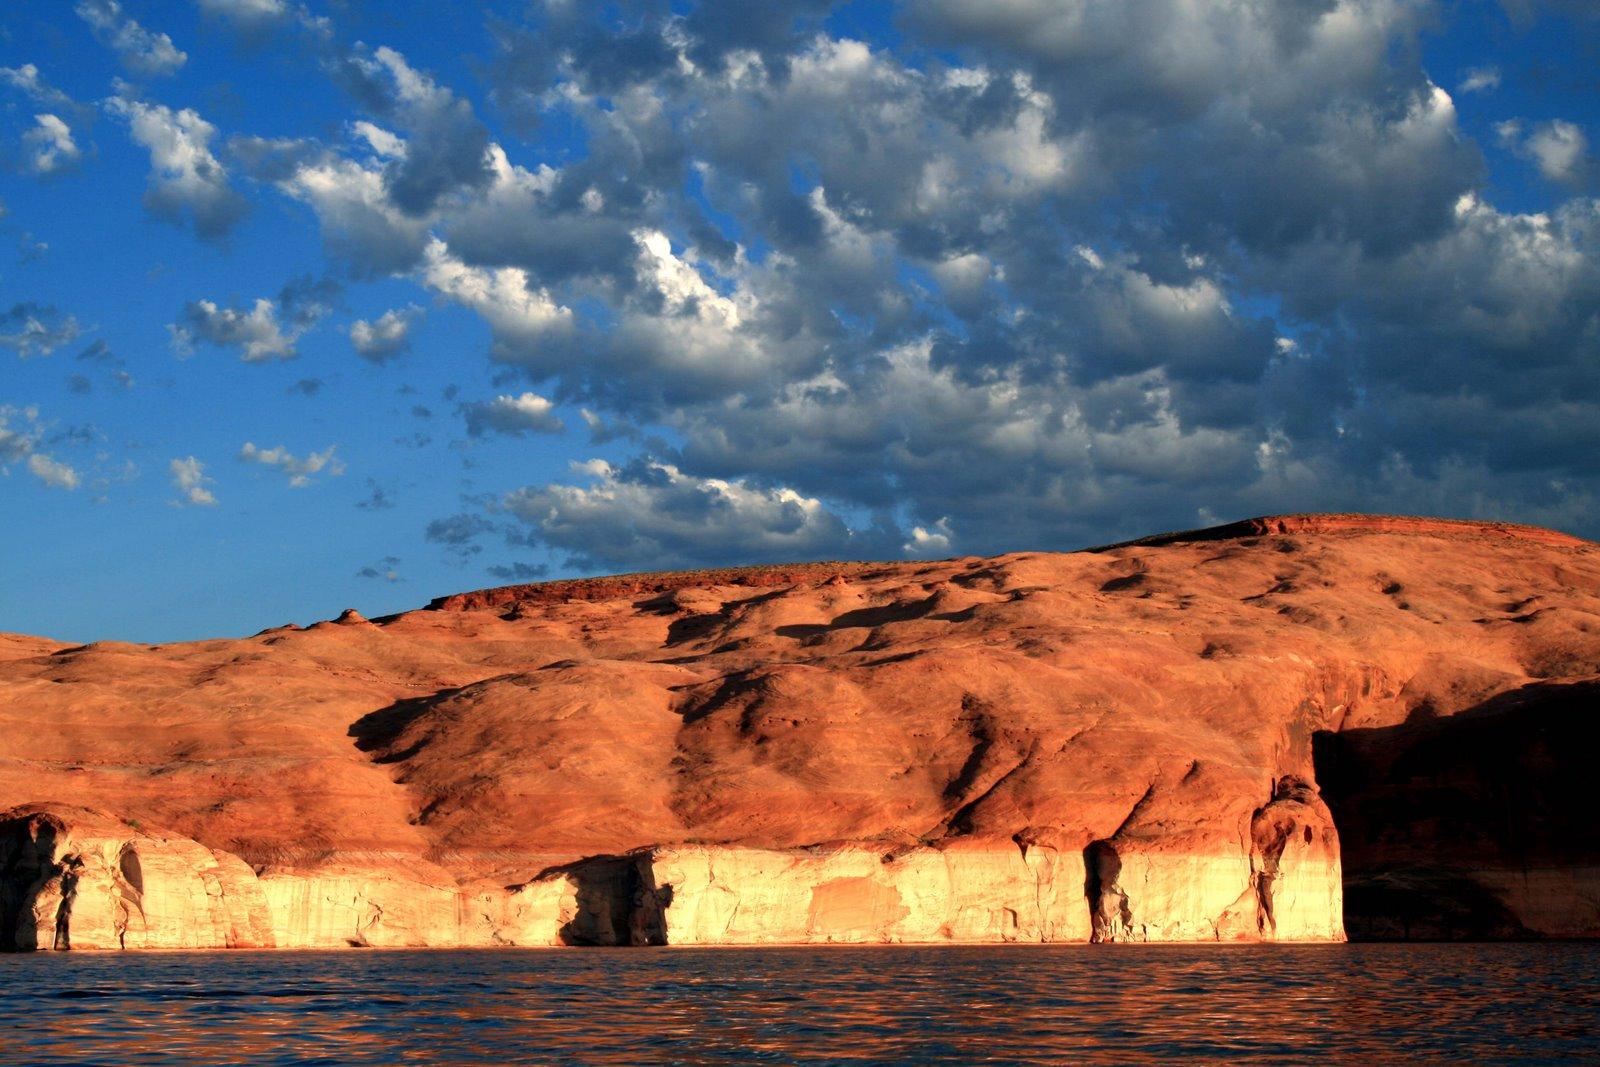 [Lake+P.+Sunset+on+rocks]